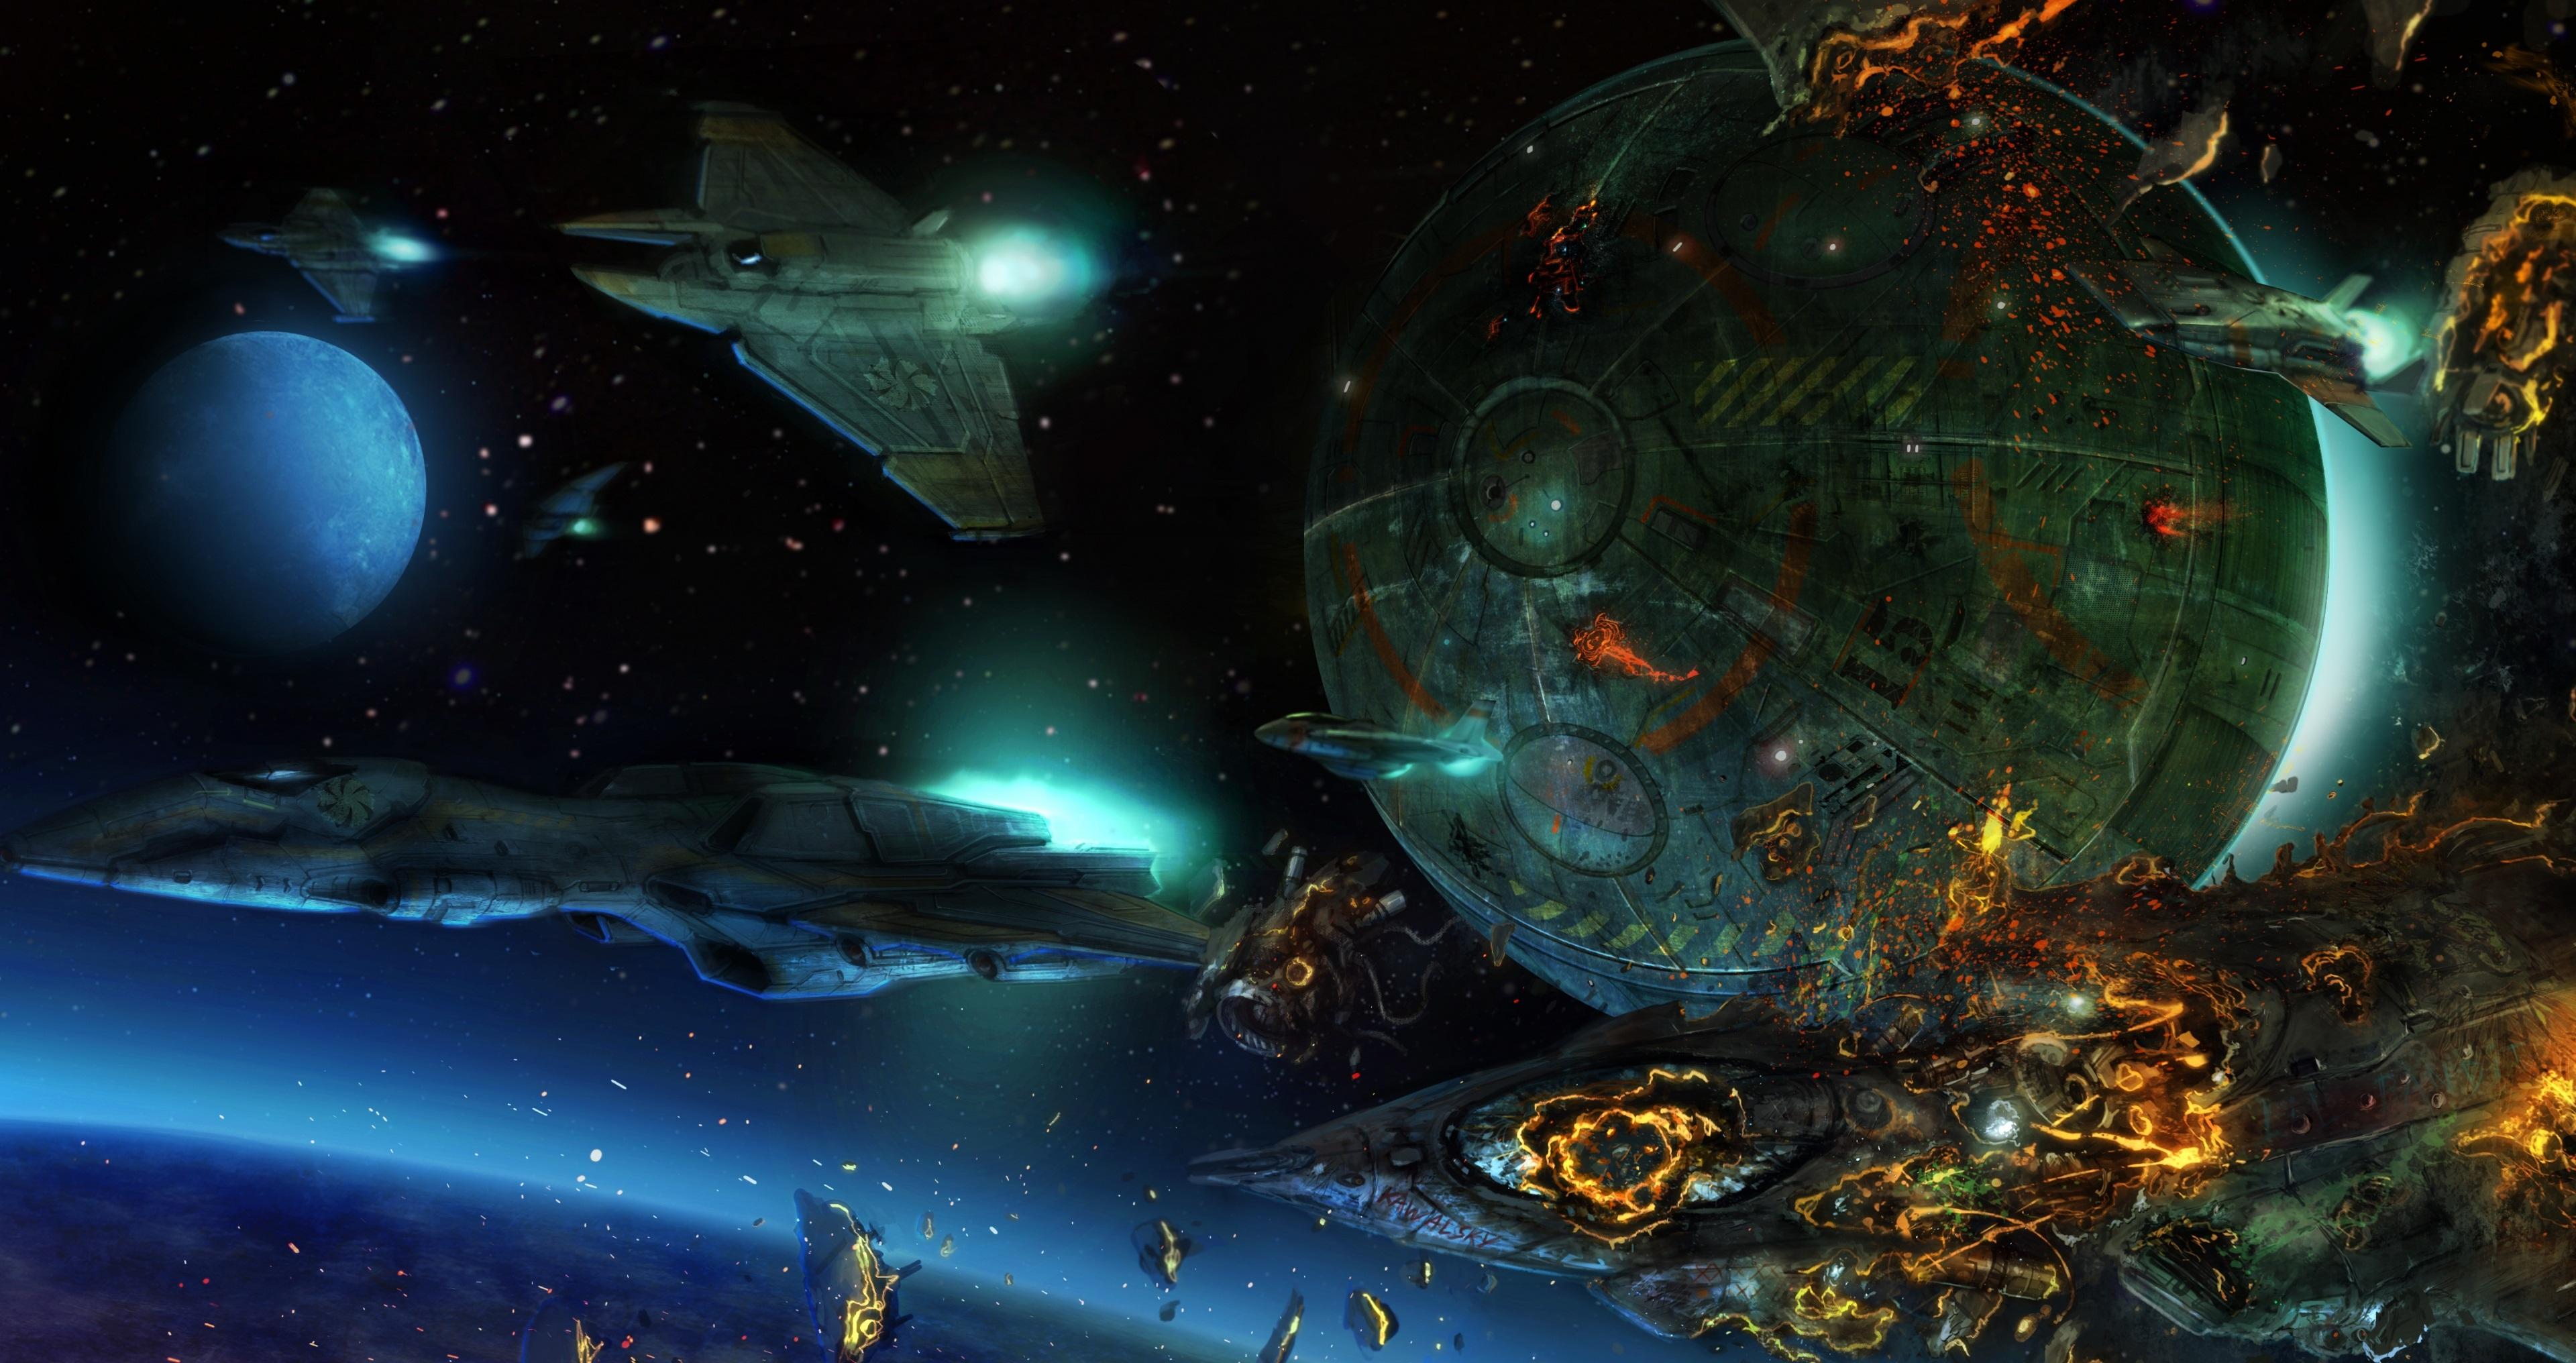 Обои Разрушенная планета, корабль картинки на рабочий стол на тему Космос - скачать  № 3552460  скачать